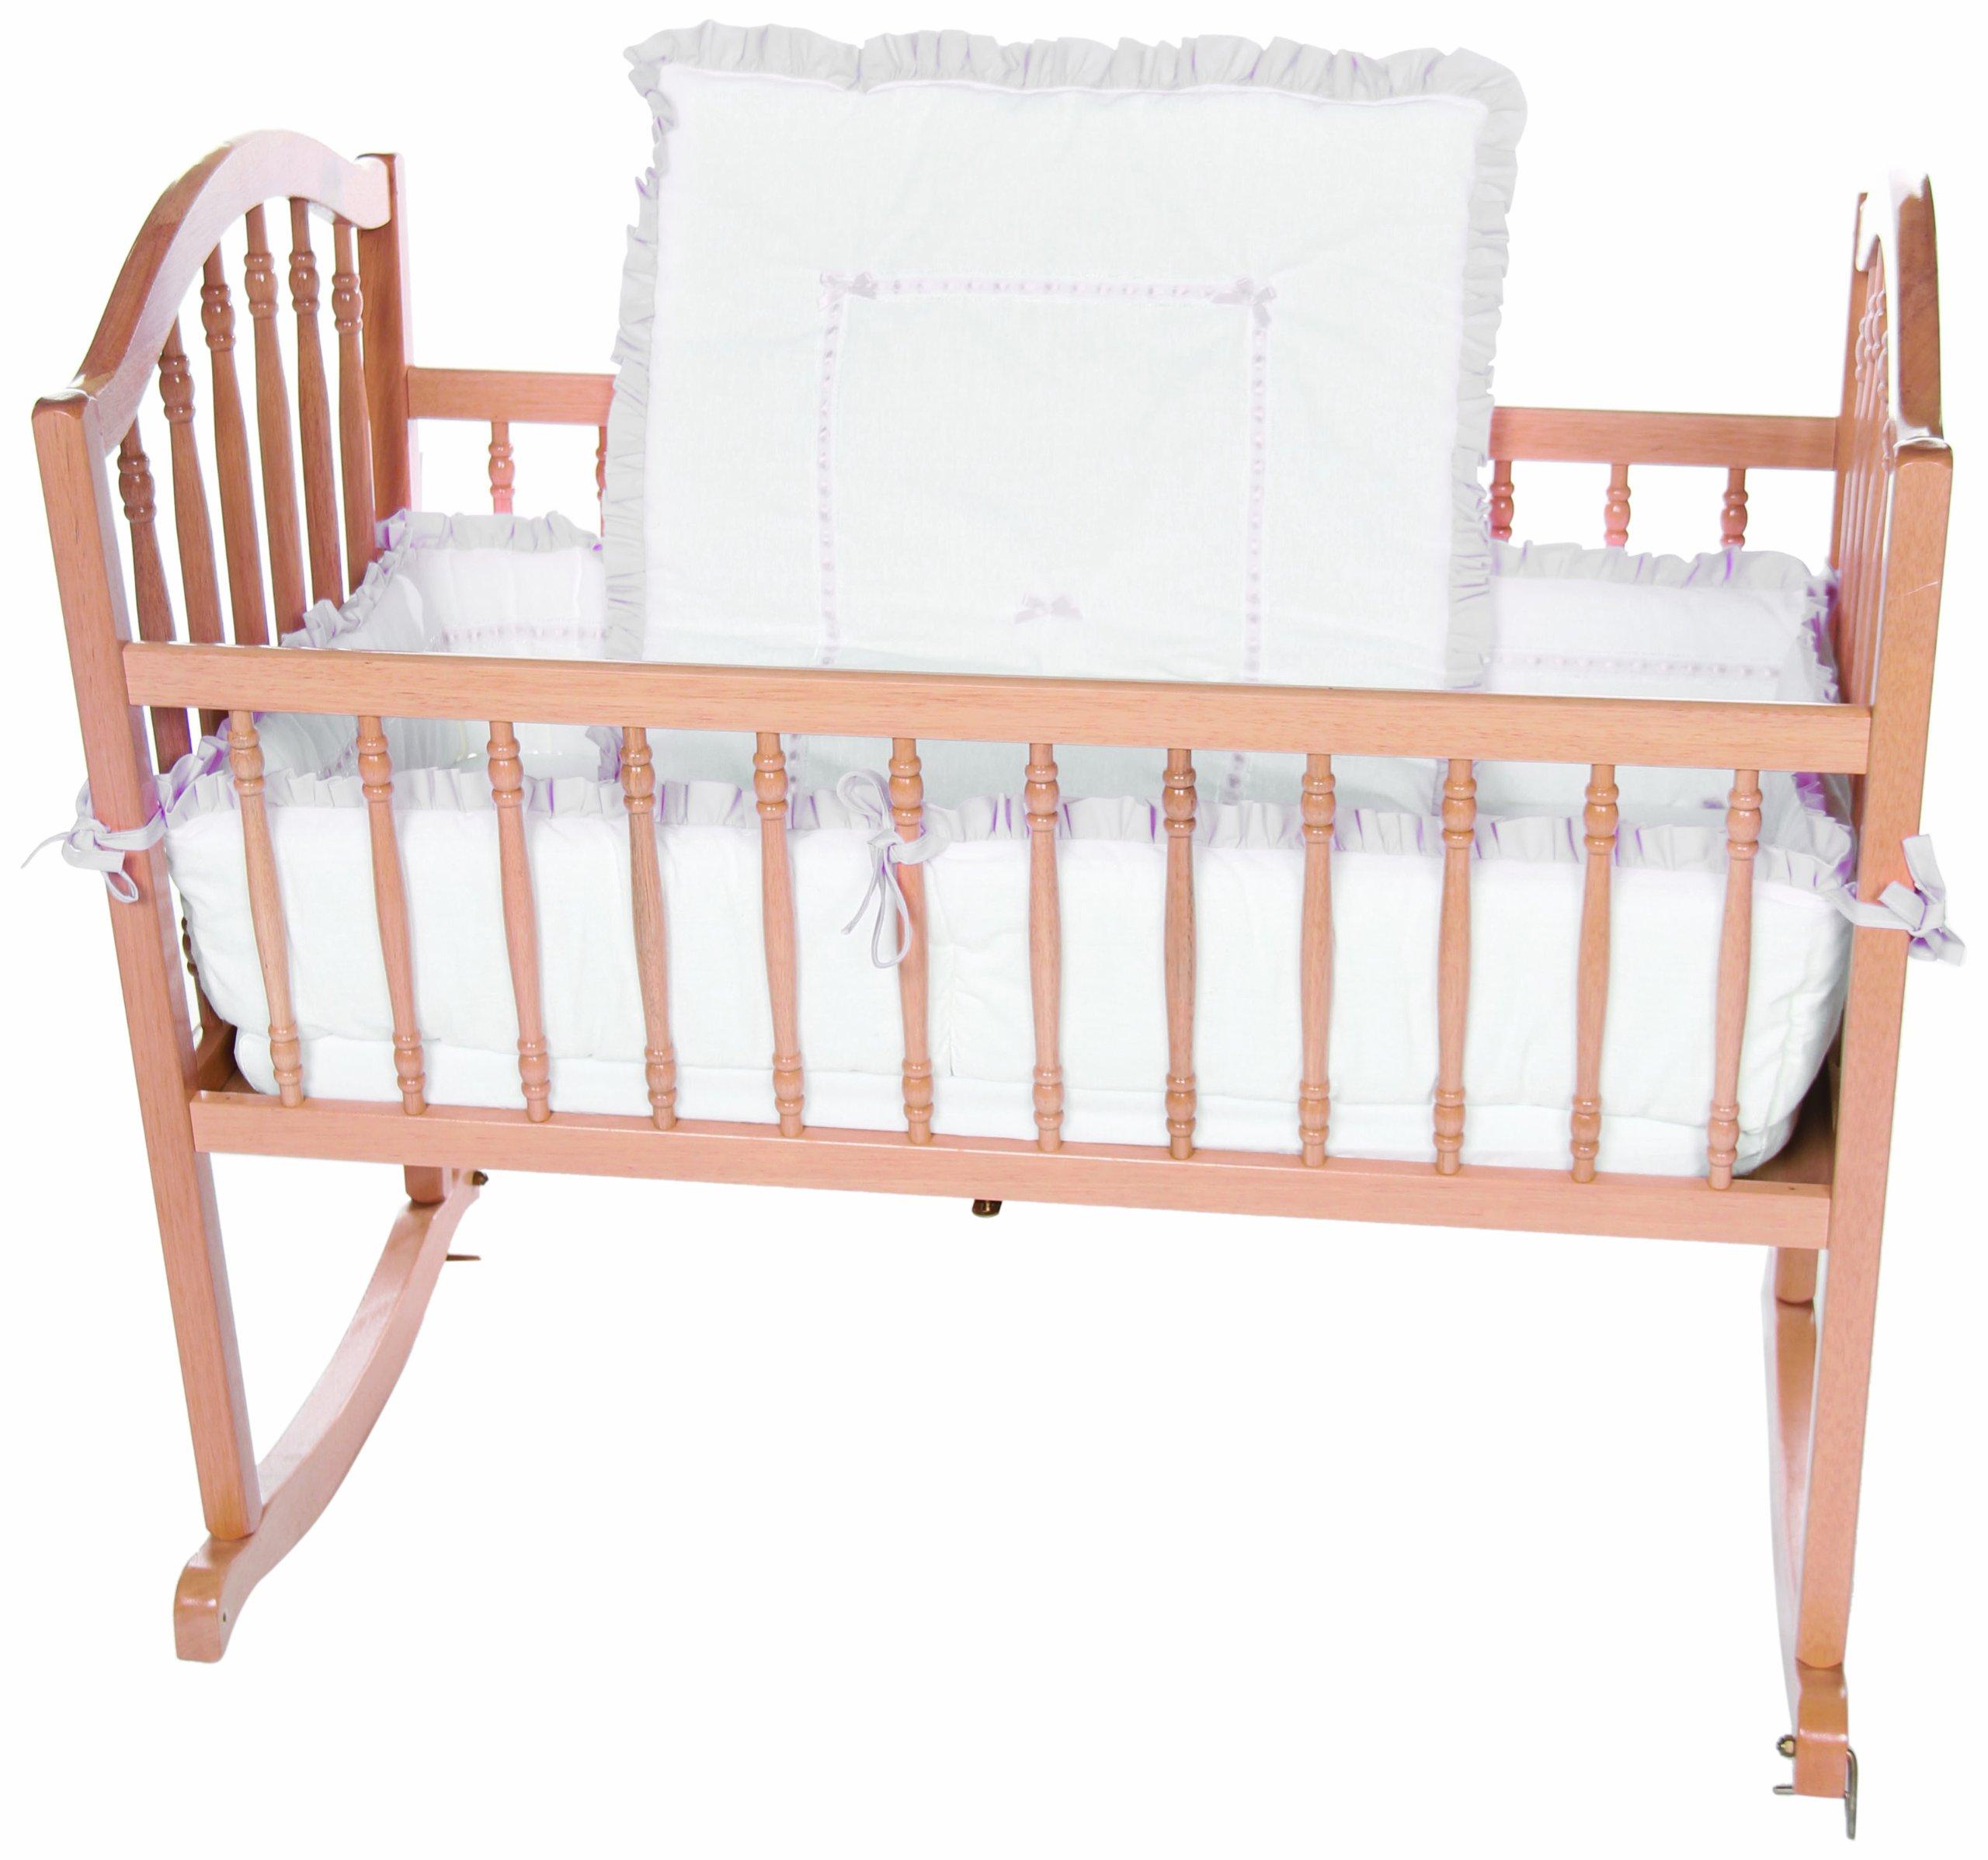 Baby Doll Bedding Unique Cradle Bedding Set, Grey by BabyDoll Bedding